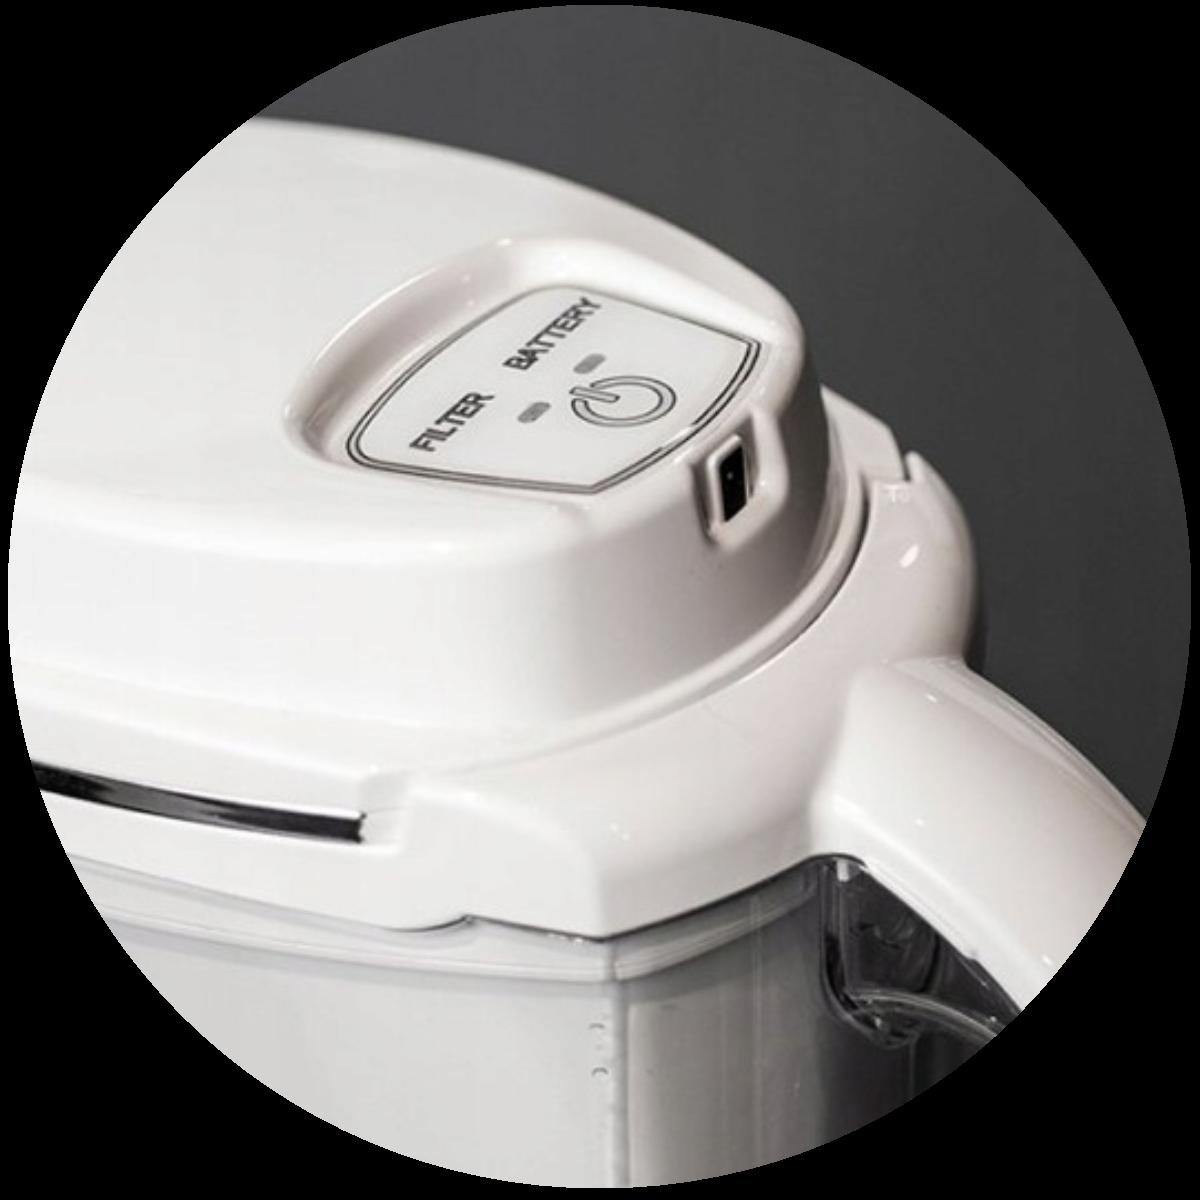 Aquaphor J.Shmidt 500 (biały) dzbanek filtrujący - ładowanie